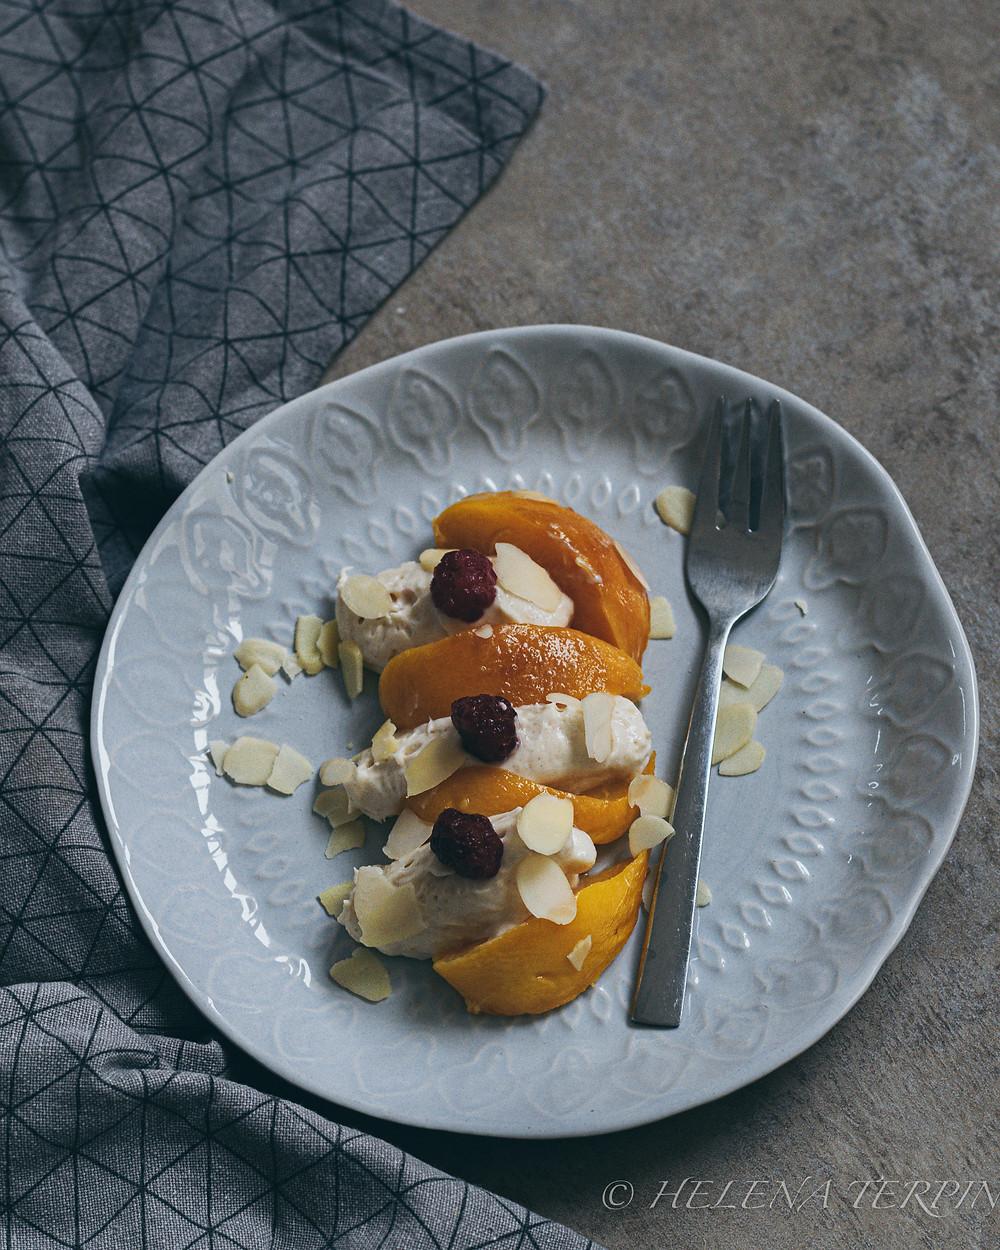 Peach Melba, melba, peaches, helenine carovnije, sladica, lahka sladica, dessert, fresh dessert, jesenska sladica, sladice v kozarčkih